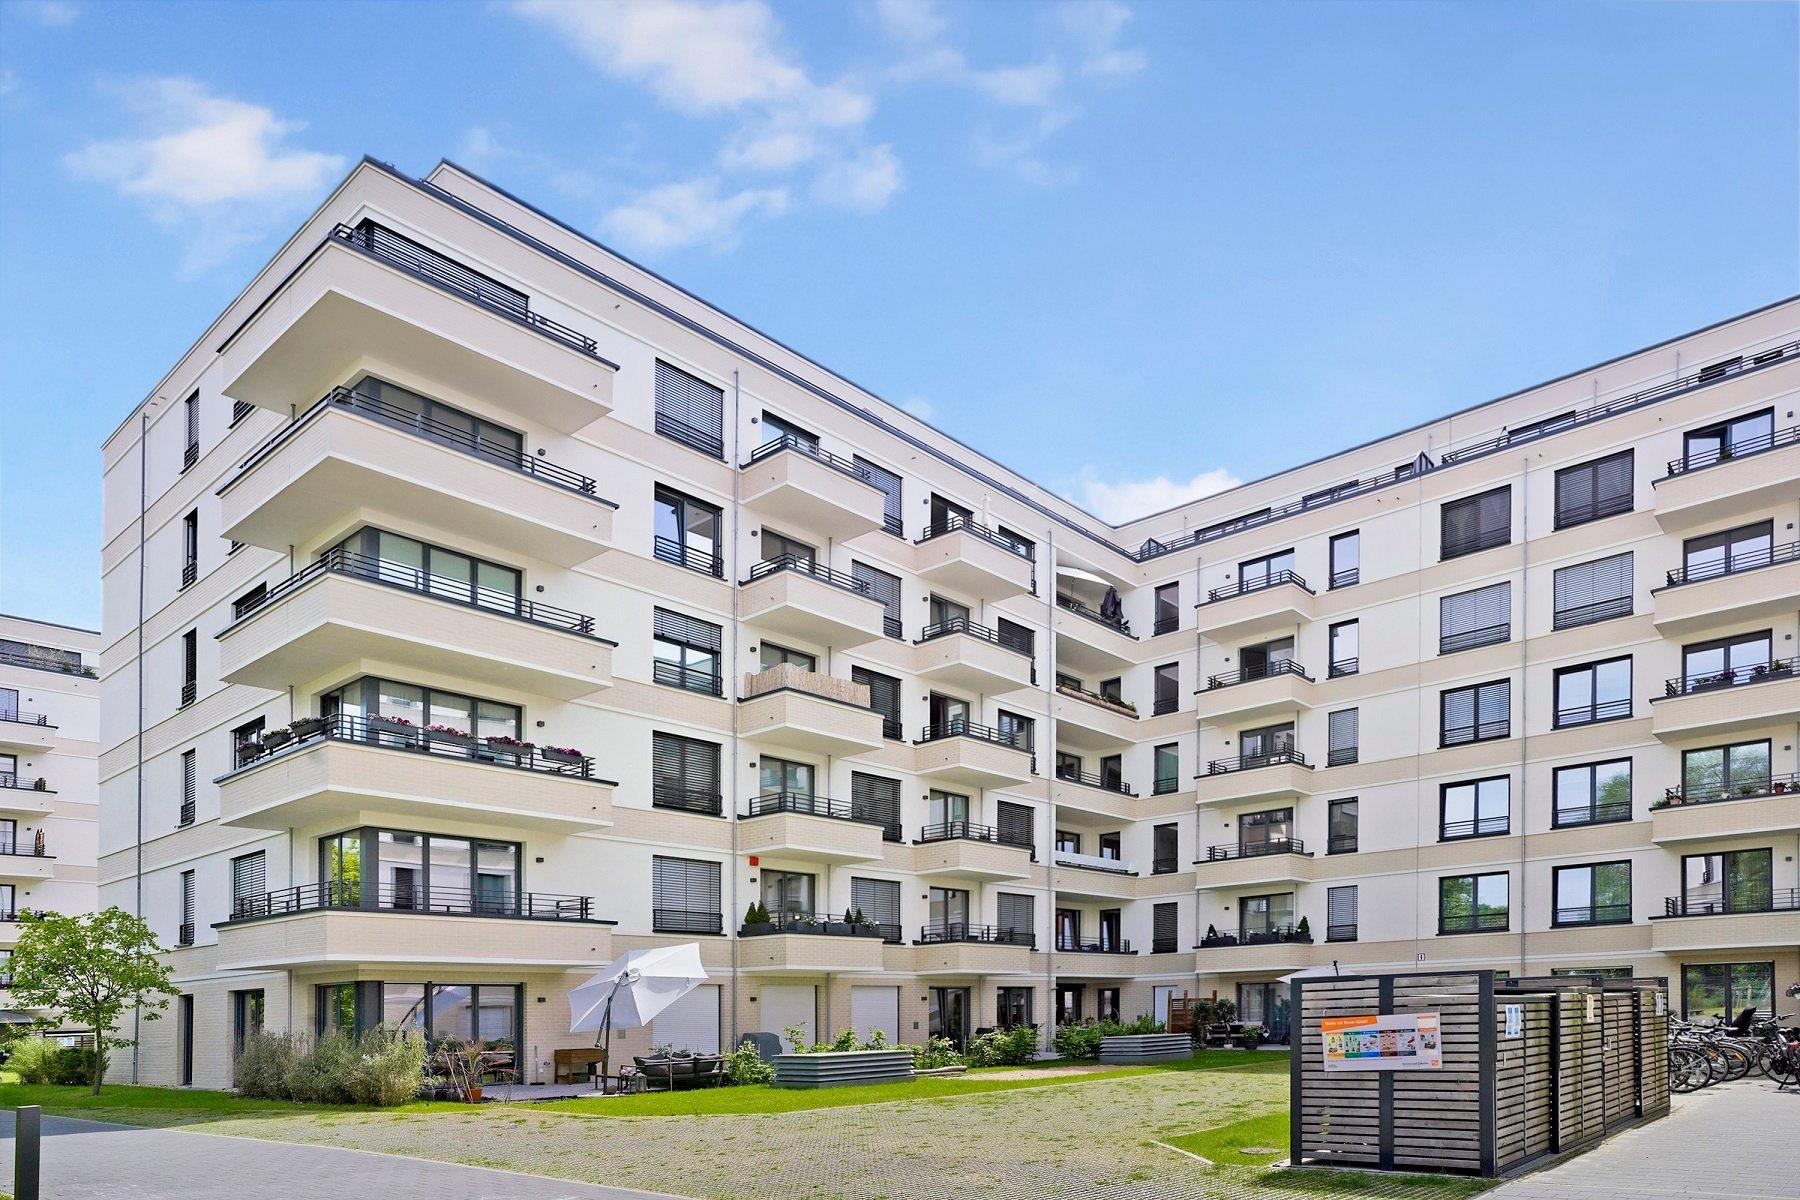 Wohnung in Berlin, Berlin, Deutschland 1 - 11562897